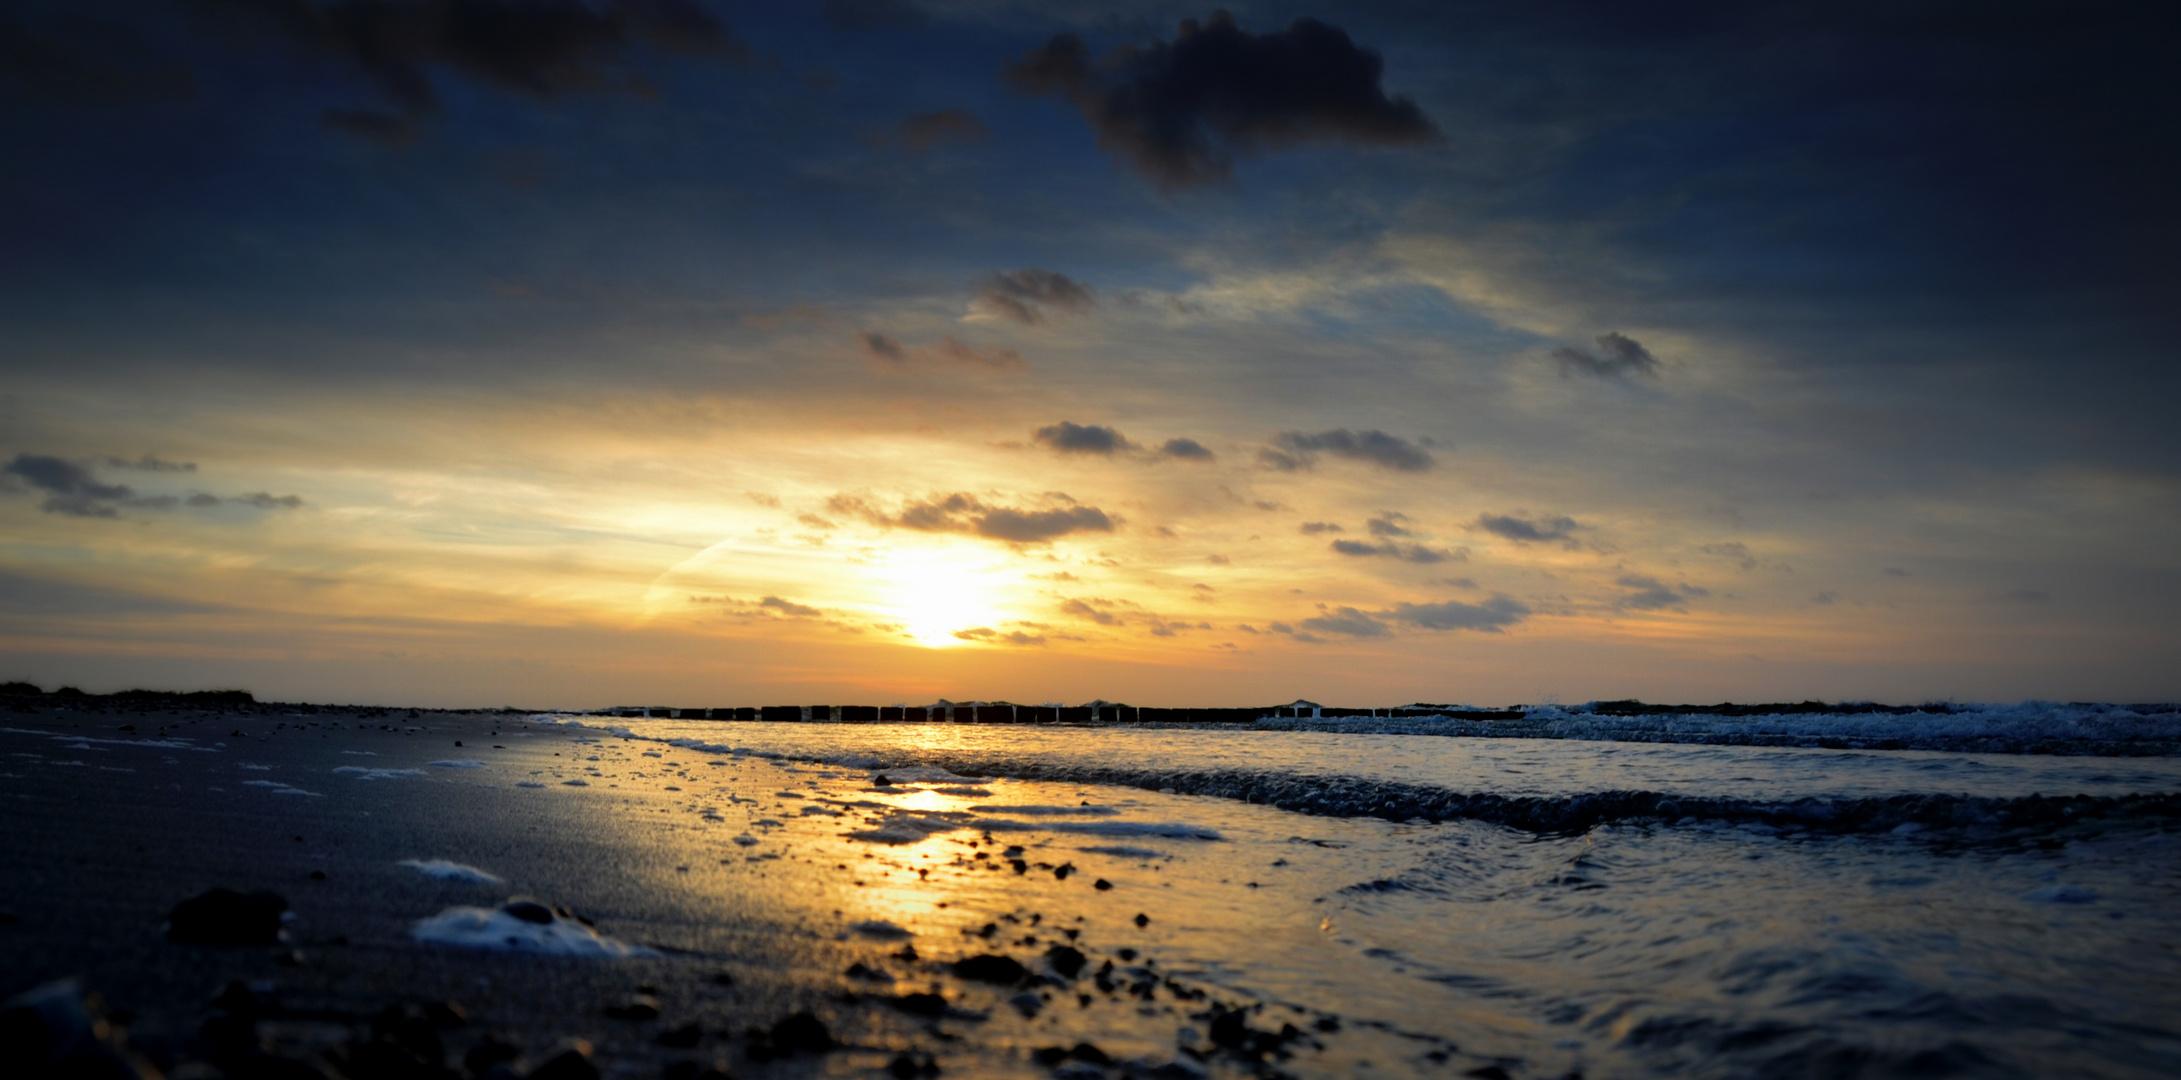 de Zeit am Strand geht zu ende